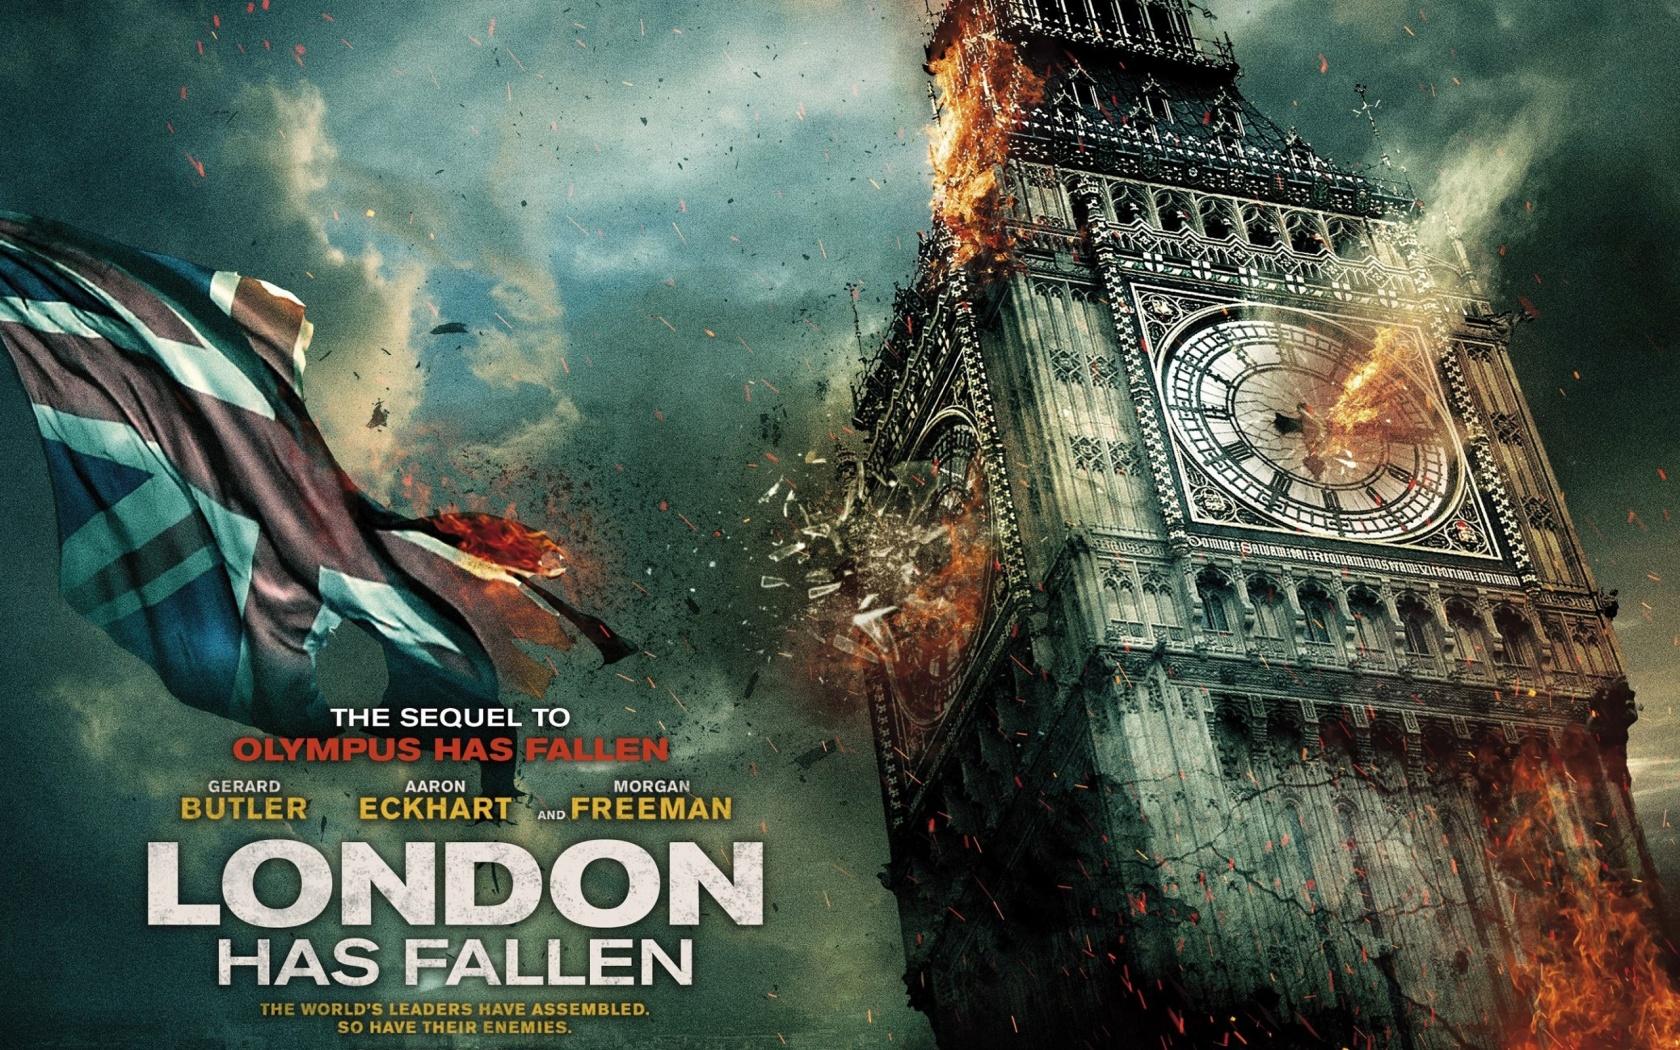 London Has Fallen 2015 Movie Wallpapers HD Wallpapers 1680x1050